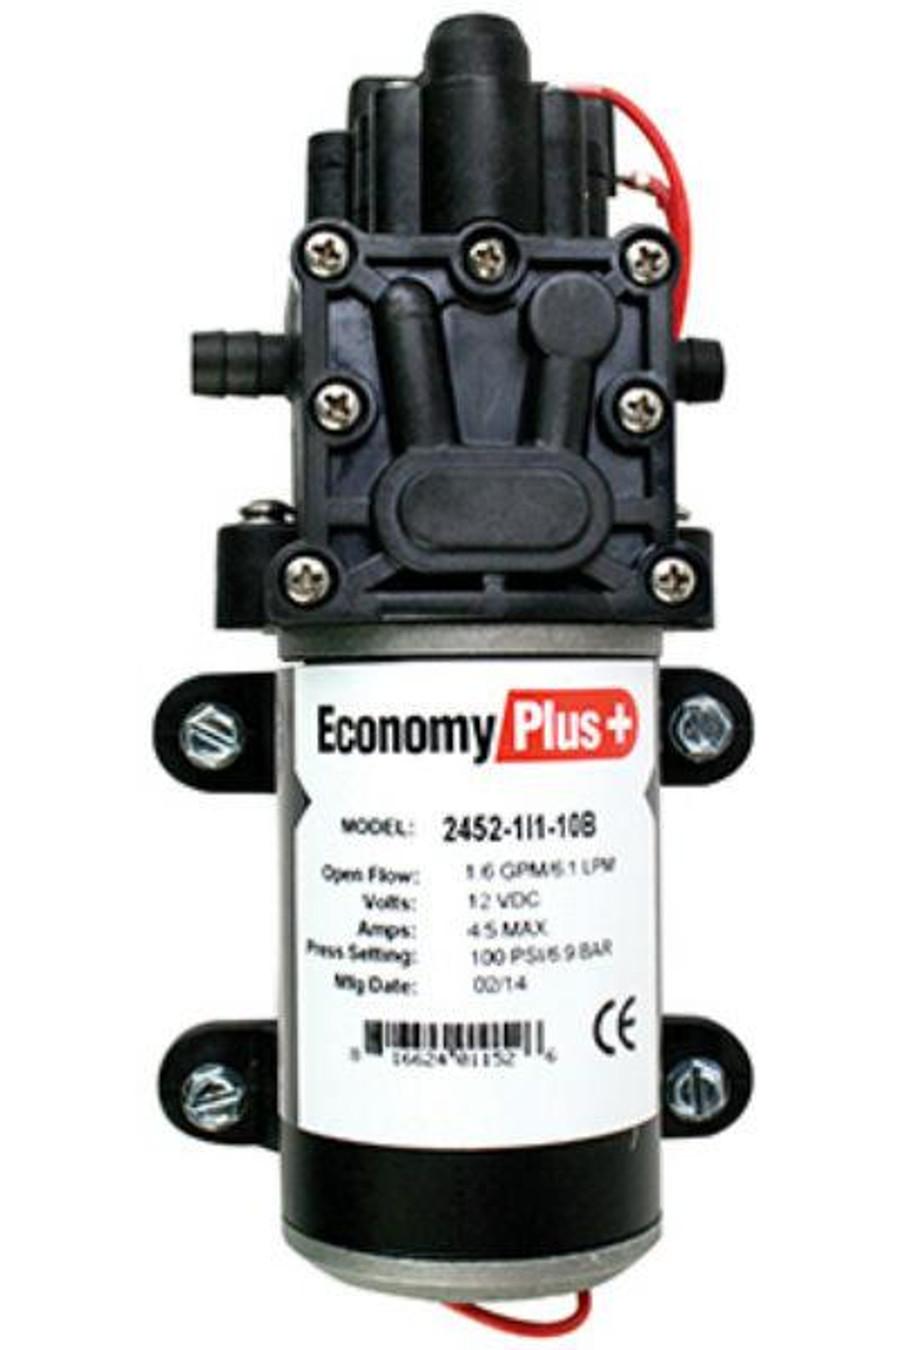 Remco Economy Plus 2400 1.6GPM 100PSI 12V Demand Pump 2452-1I1-10B